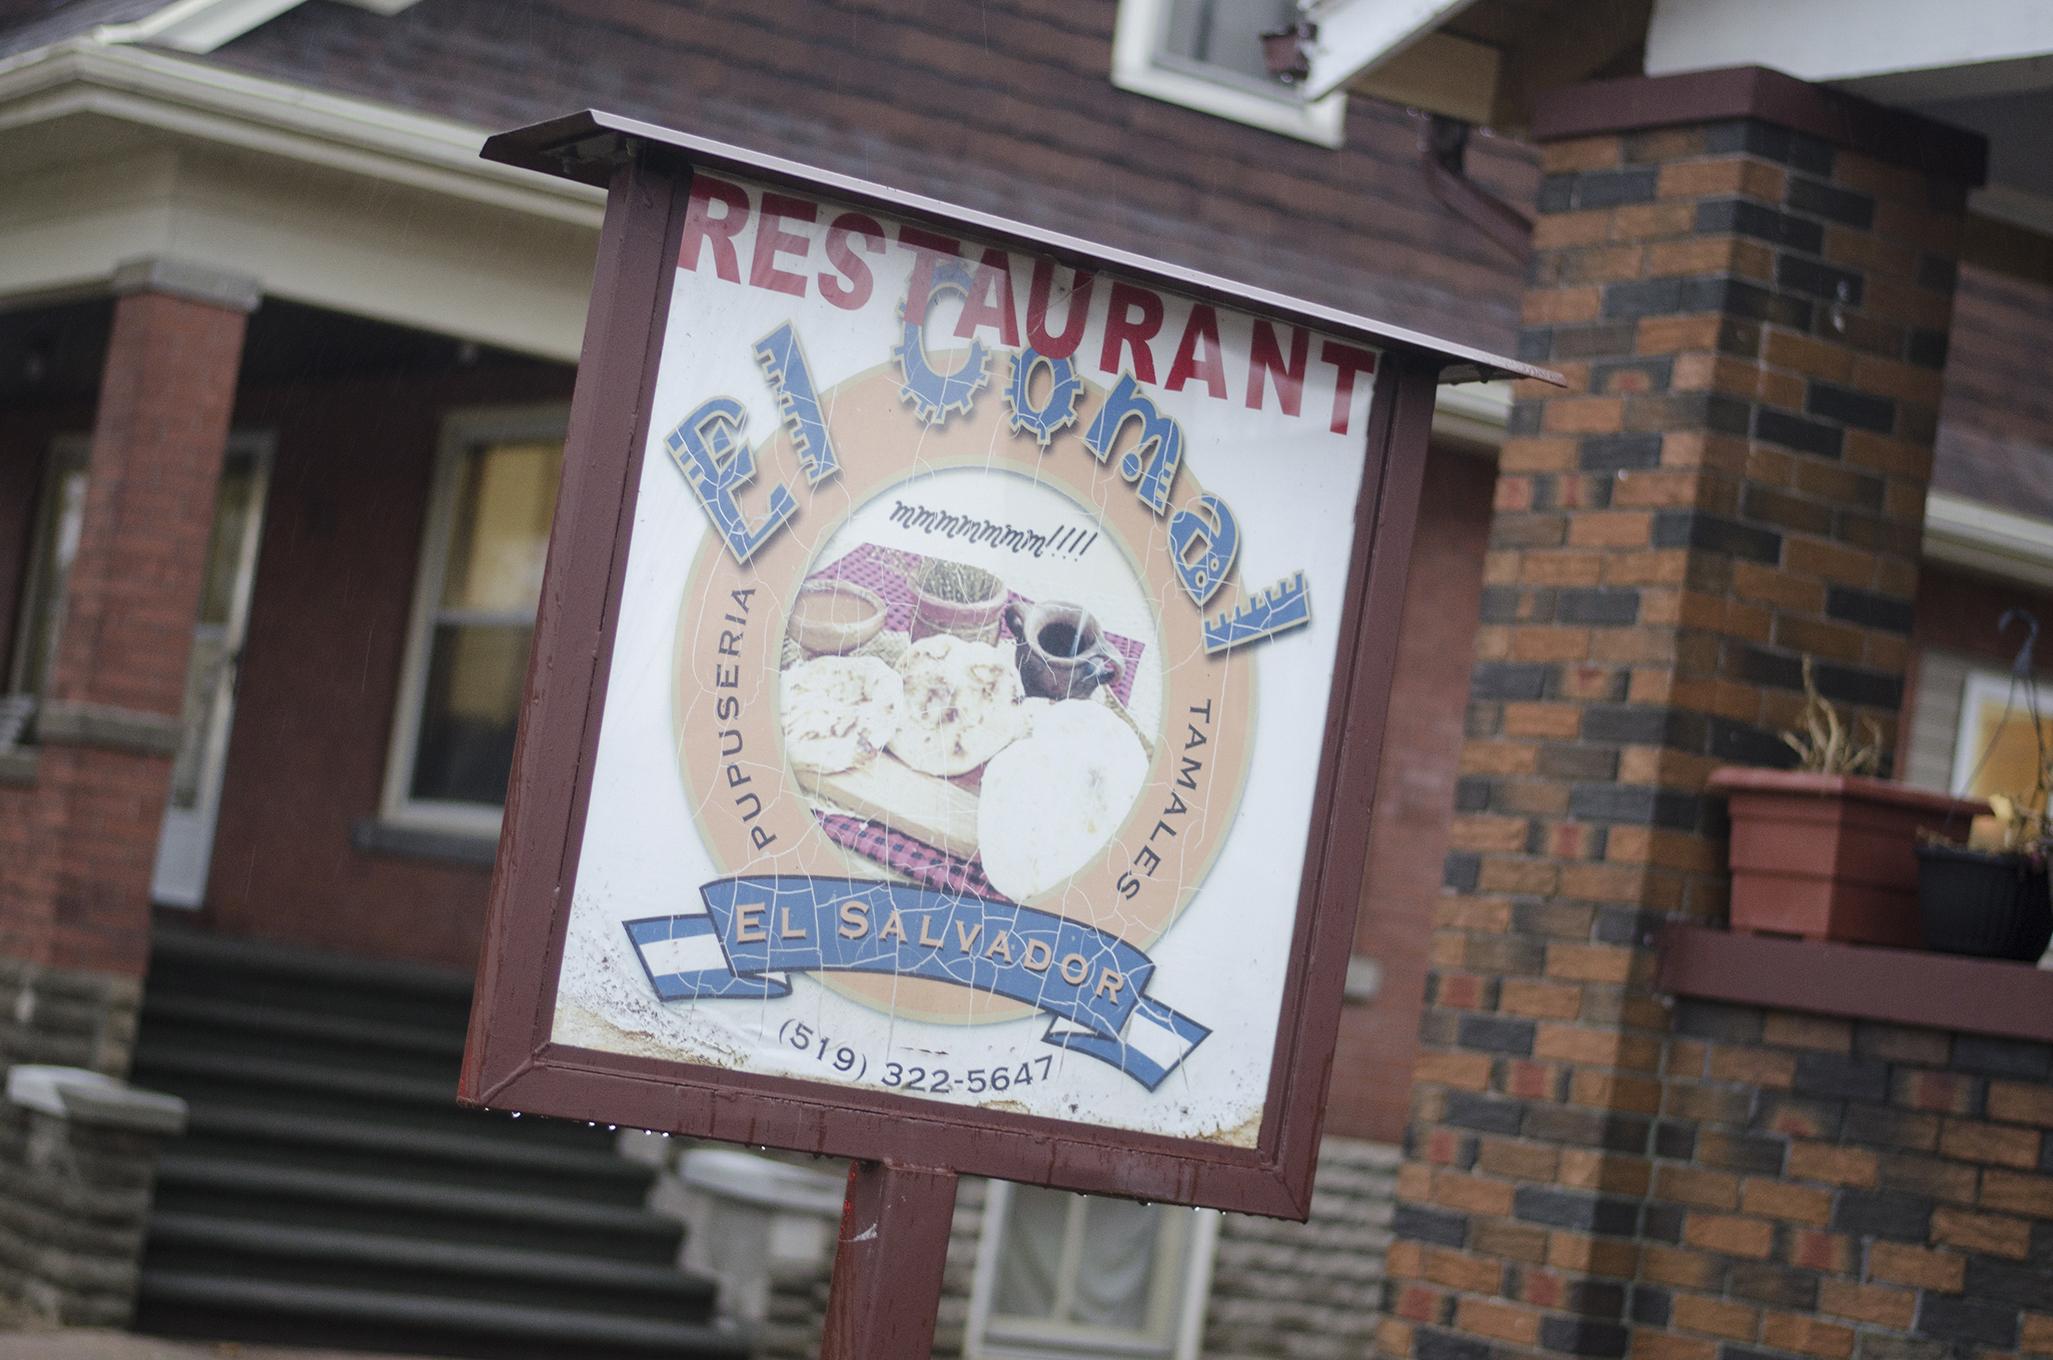 El Comal Restaurant serves up authentic Salvadoran food in Leamington, Ontario.